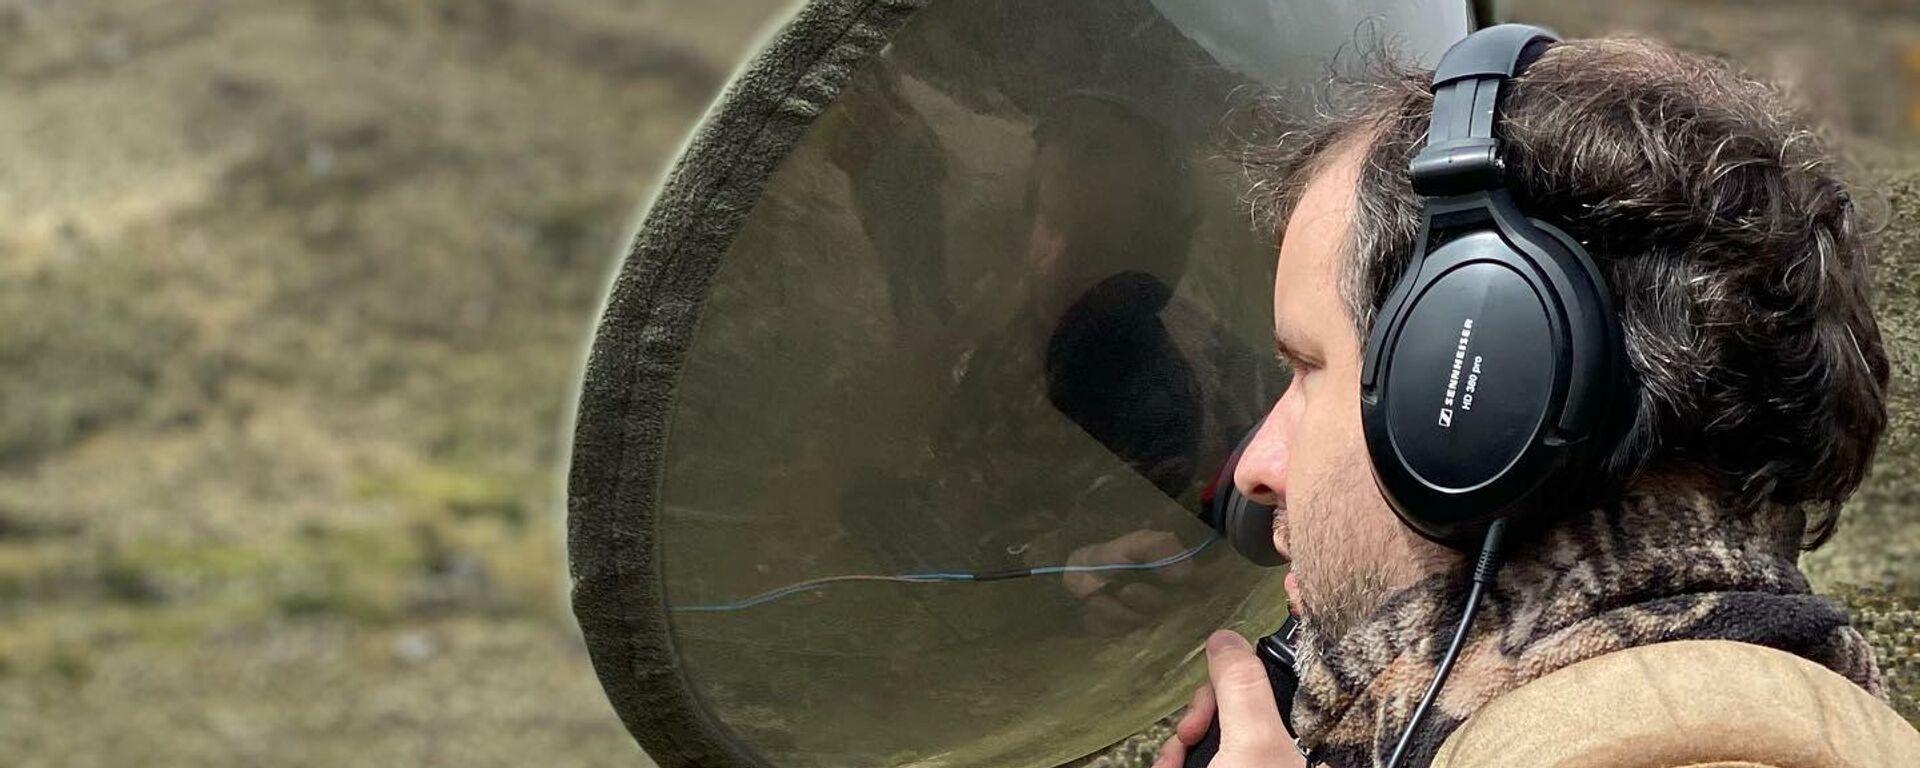 El paisajista sonoro ciego Juan Pablo Culasso durante una de sus grabaciones - Sputnik Mundo, 1920, 17.05.2021